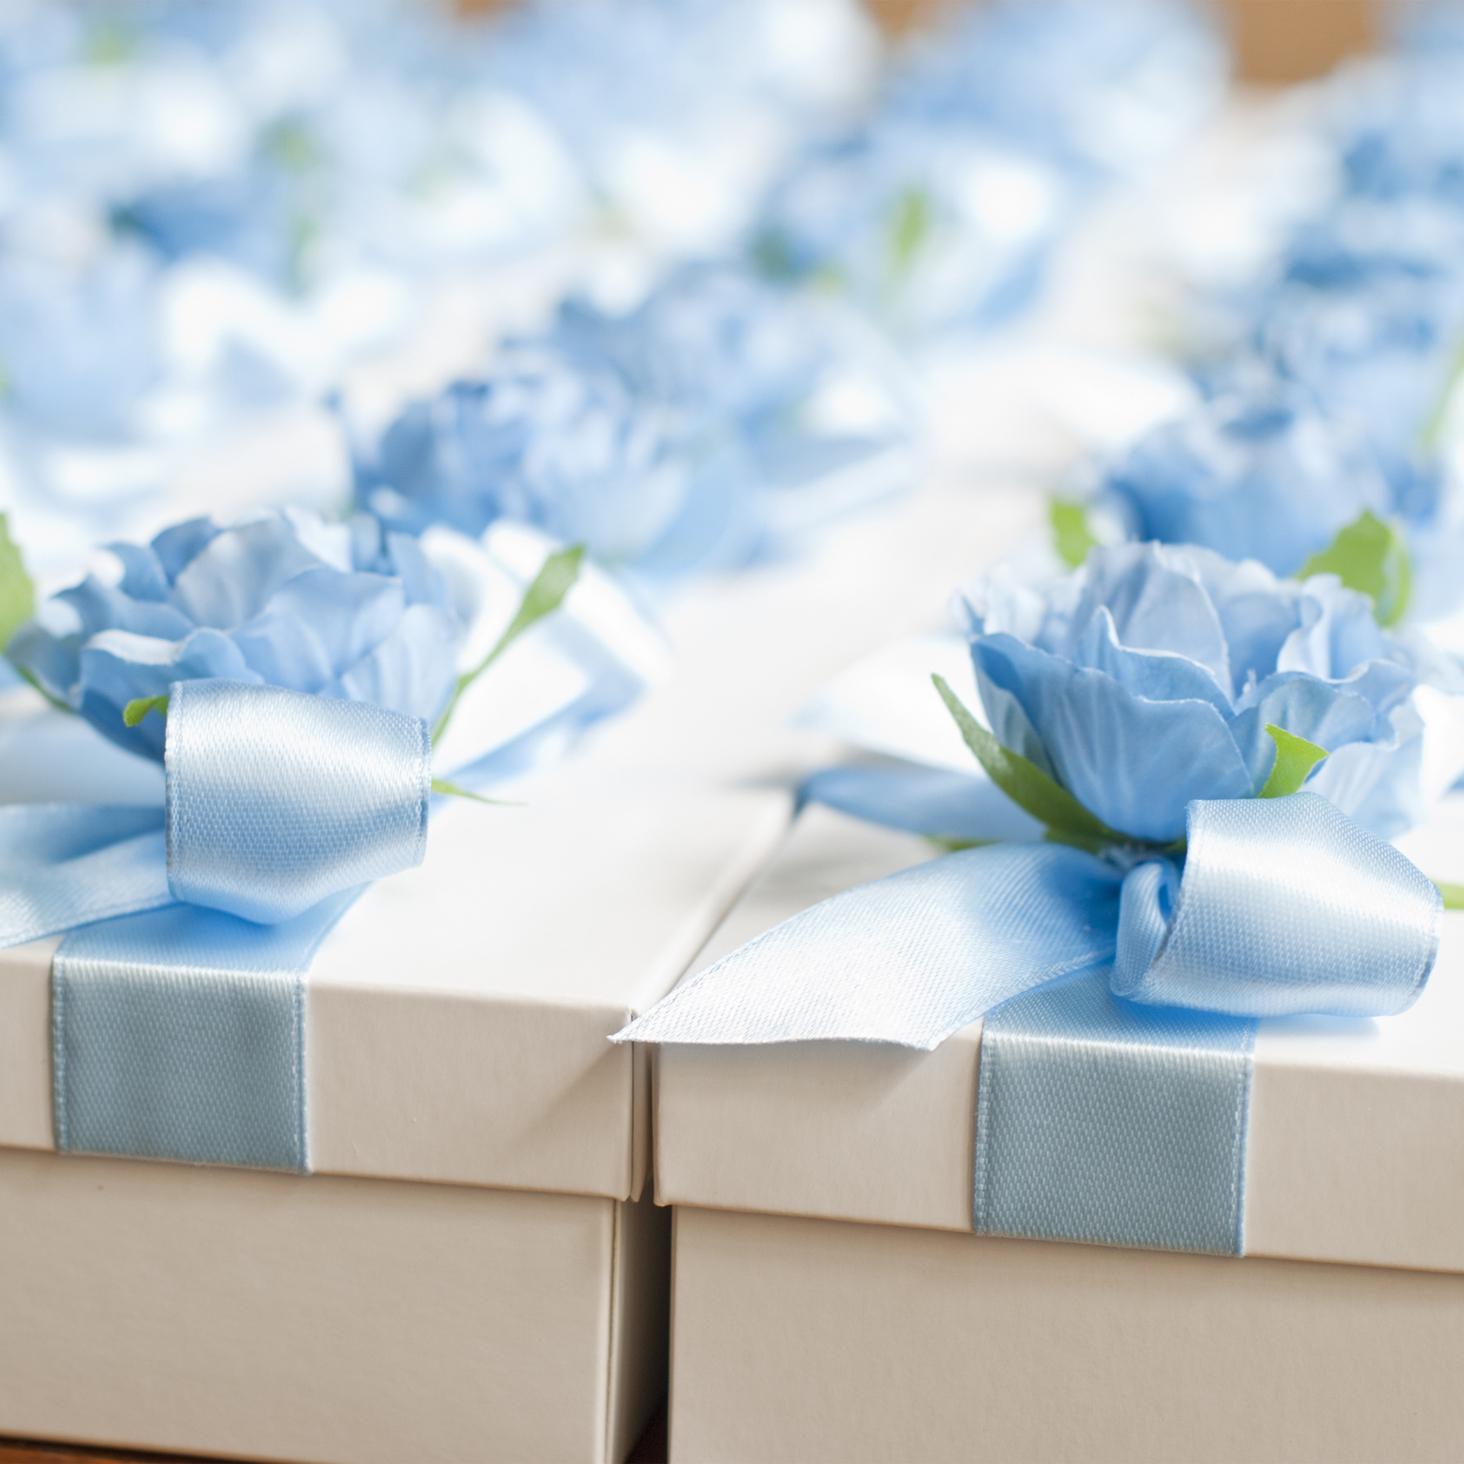 5 Regalos para sorprender a tus invitados